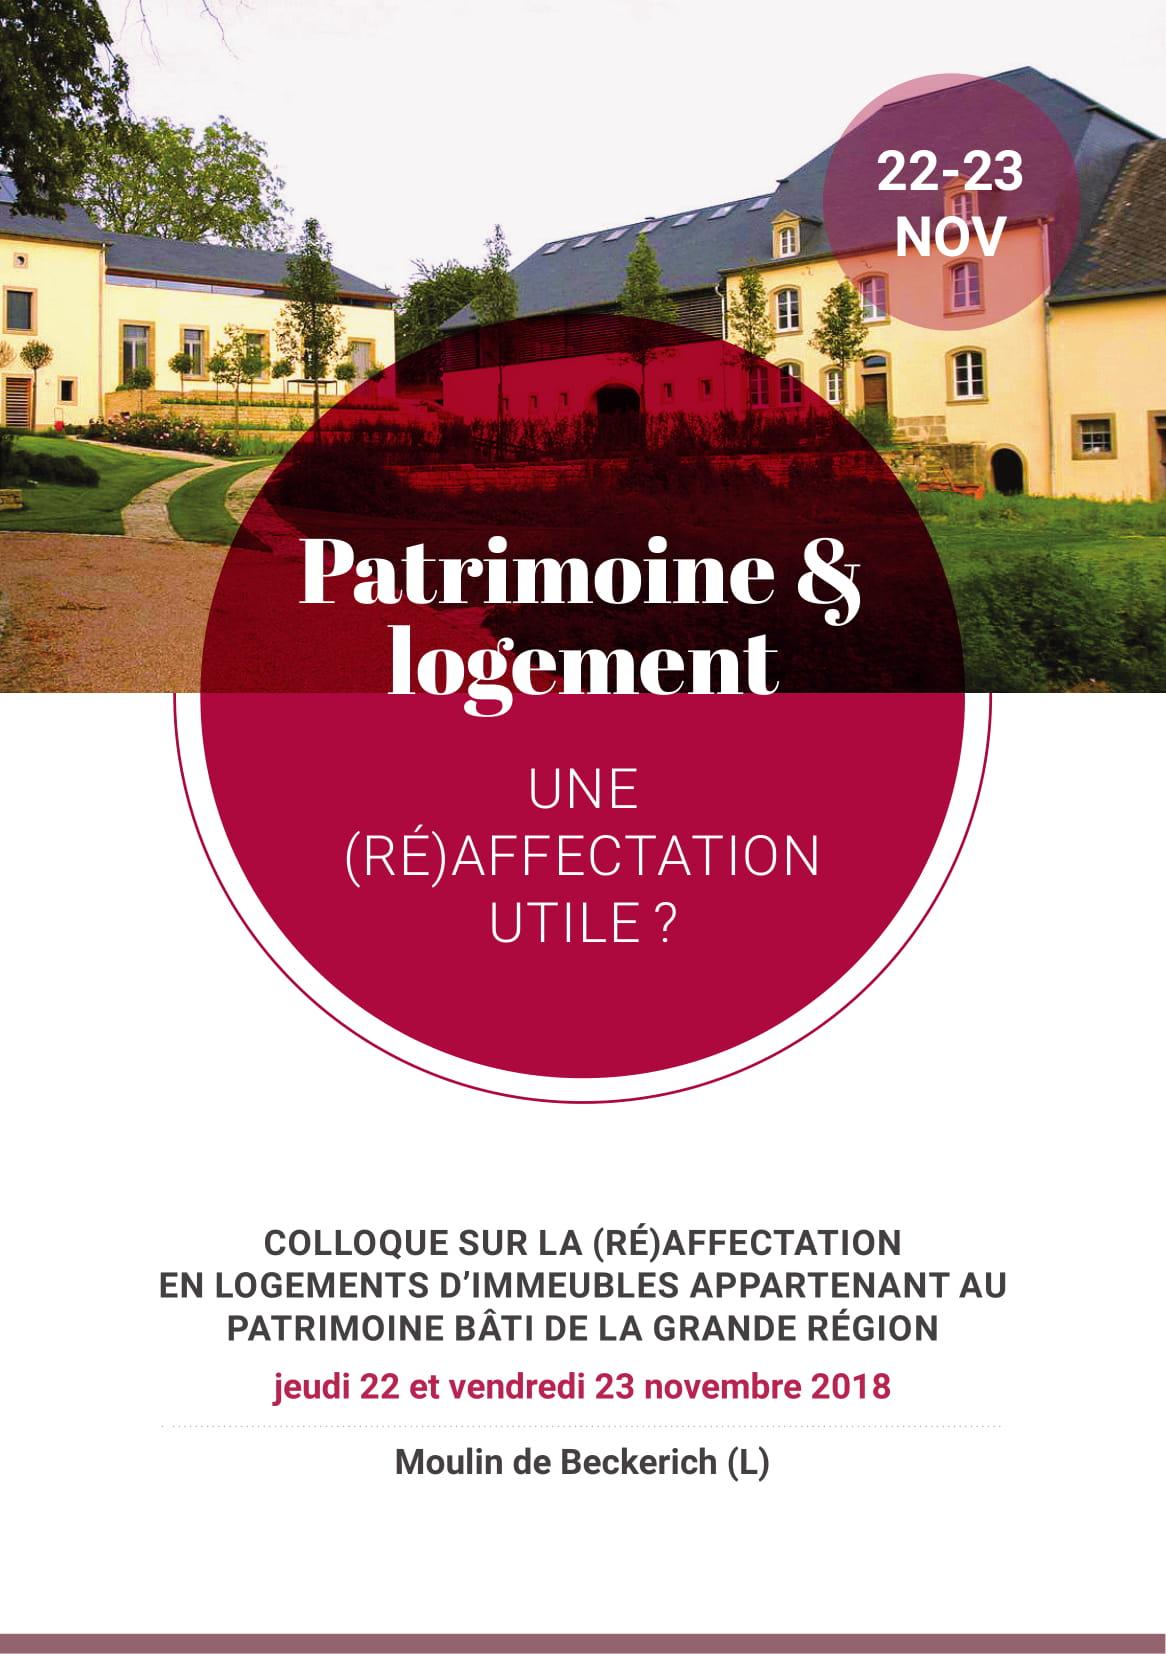 invit_patrimoine_et_logement_FR-1.jpg